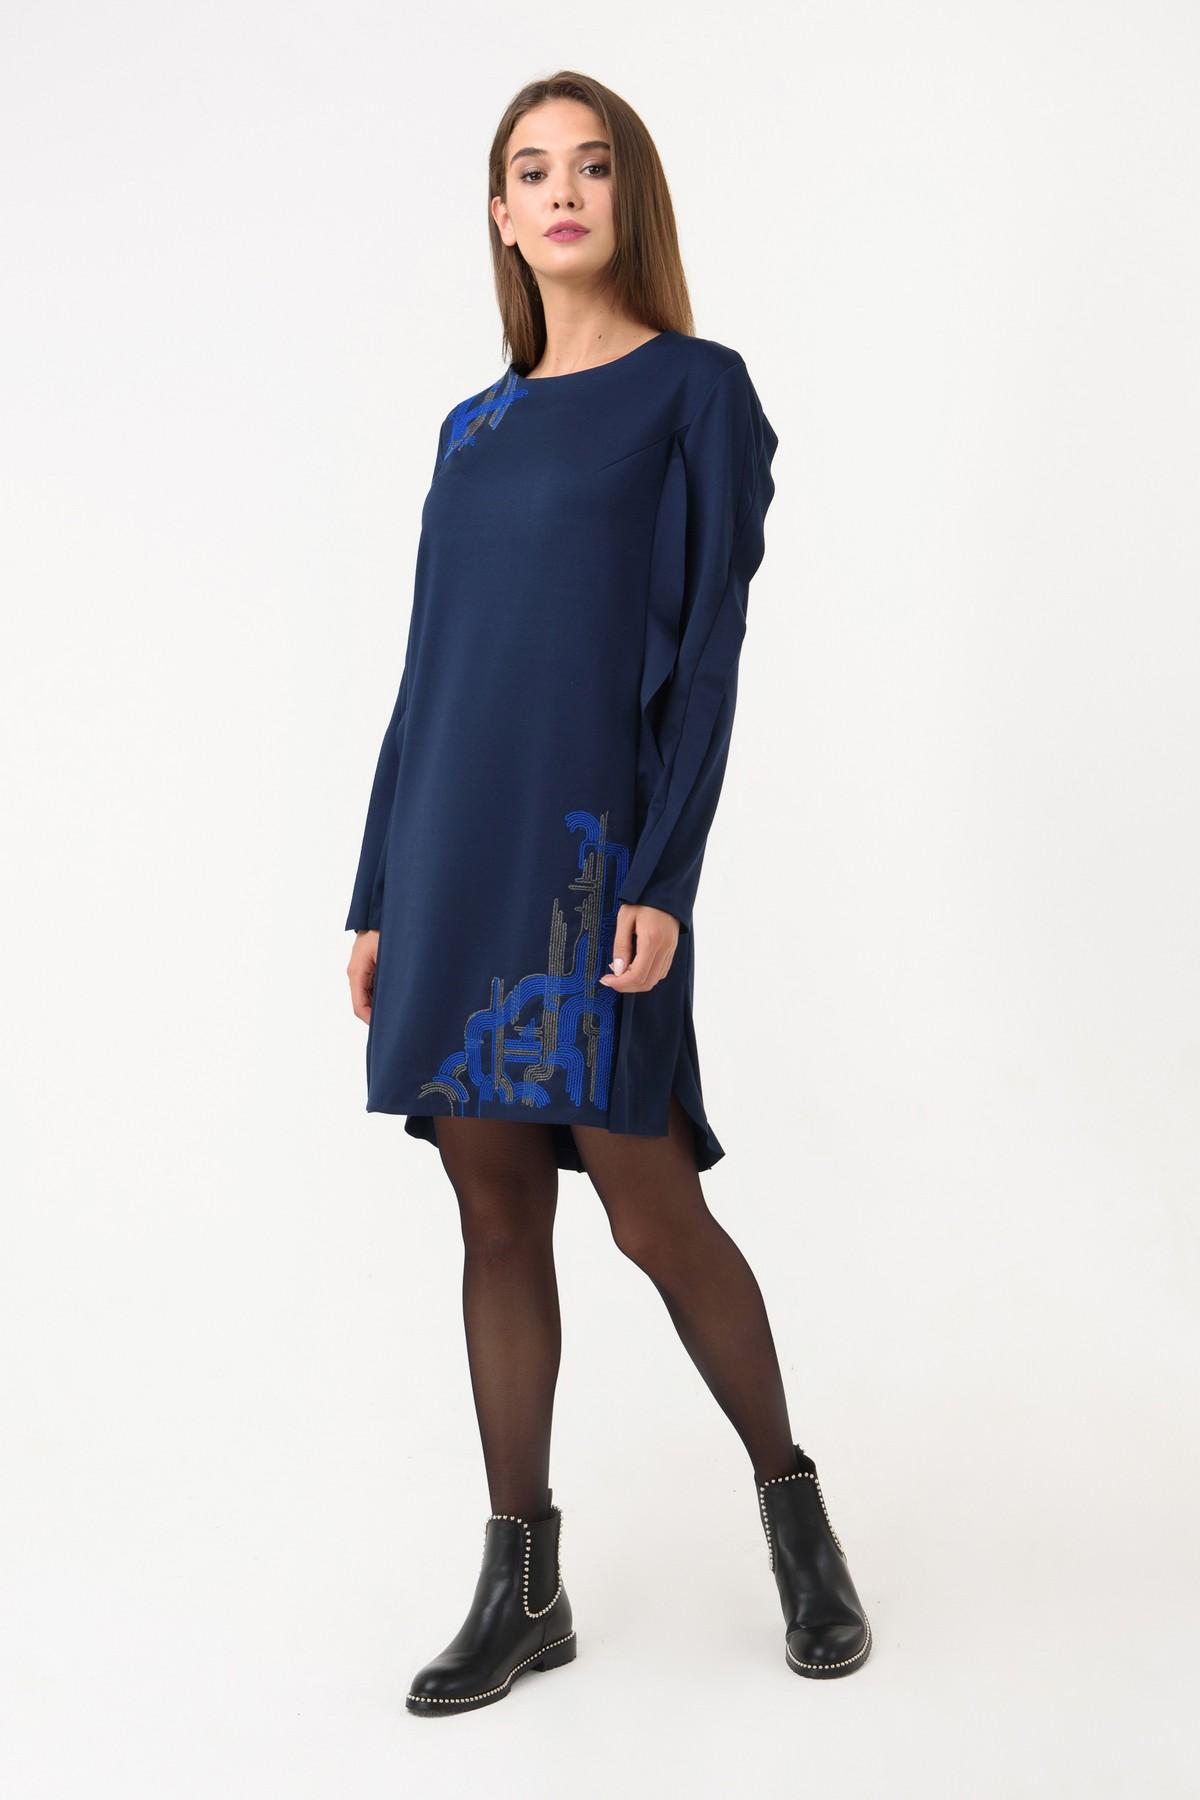 c239bdf727e7 Осеннее платье прямого силуэта RM1243-18DD, синий, нажмите для увеличения